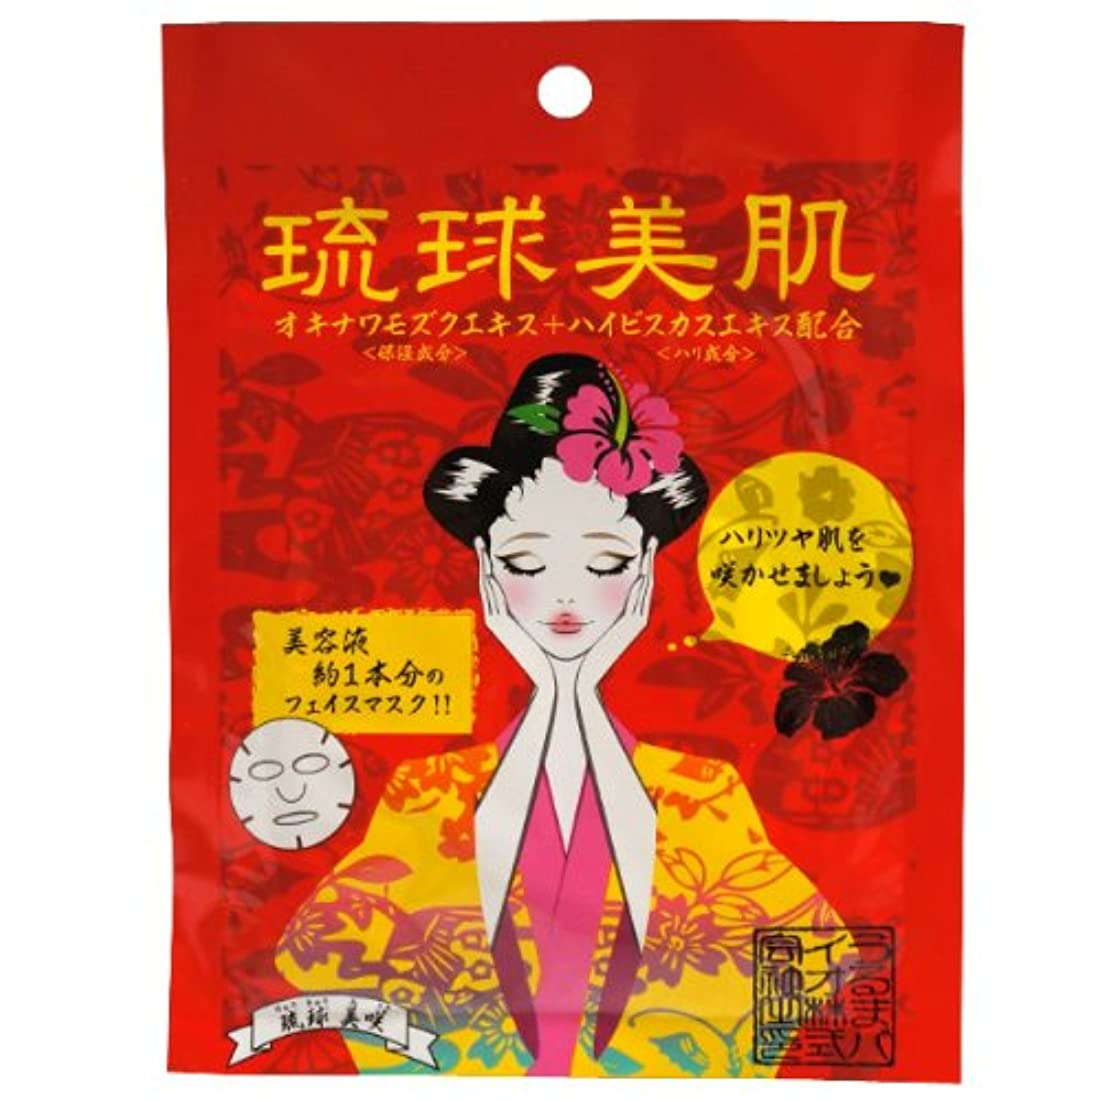 ポーター外国人重要な役割を果たす、中心的な手段となる琉球美肌 ハイビスカスの香り